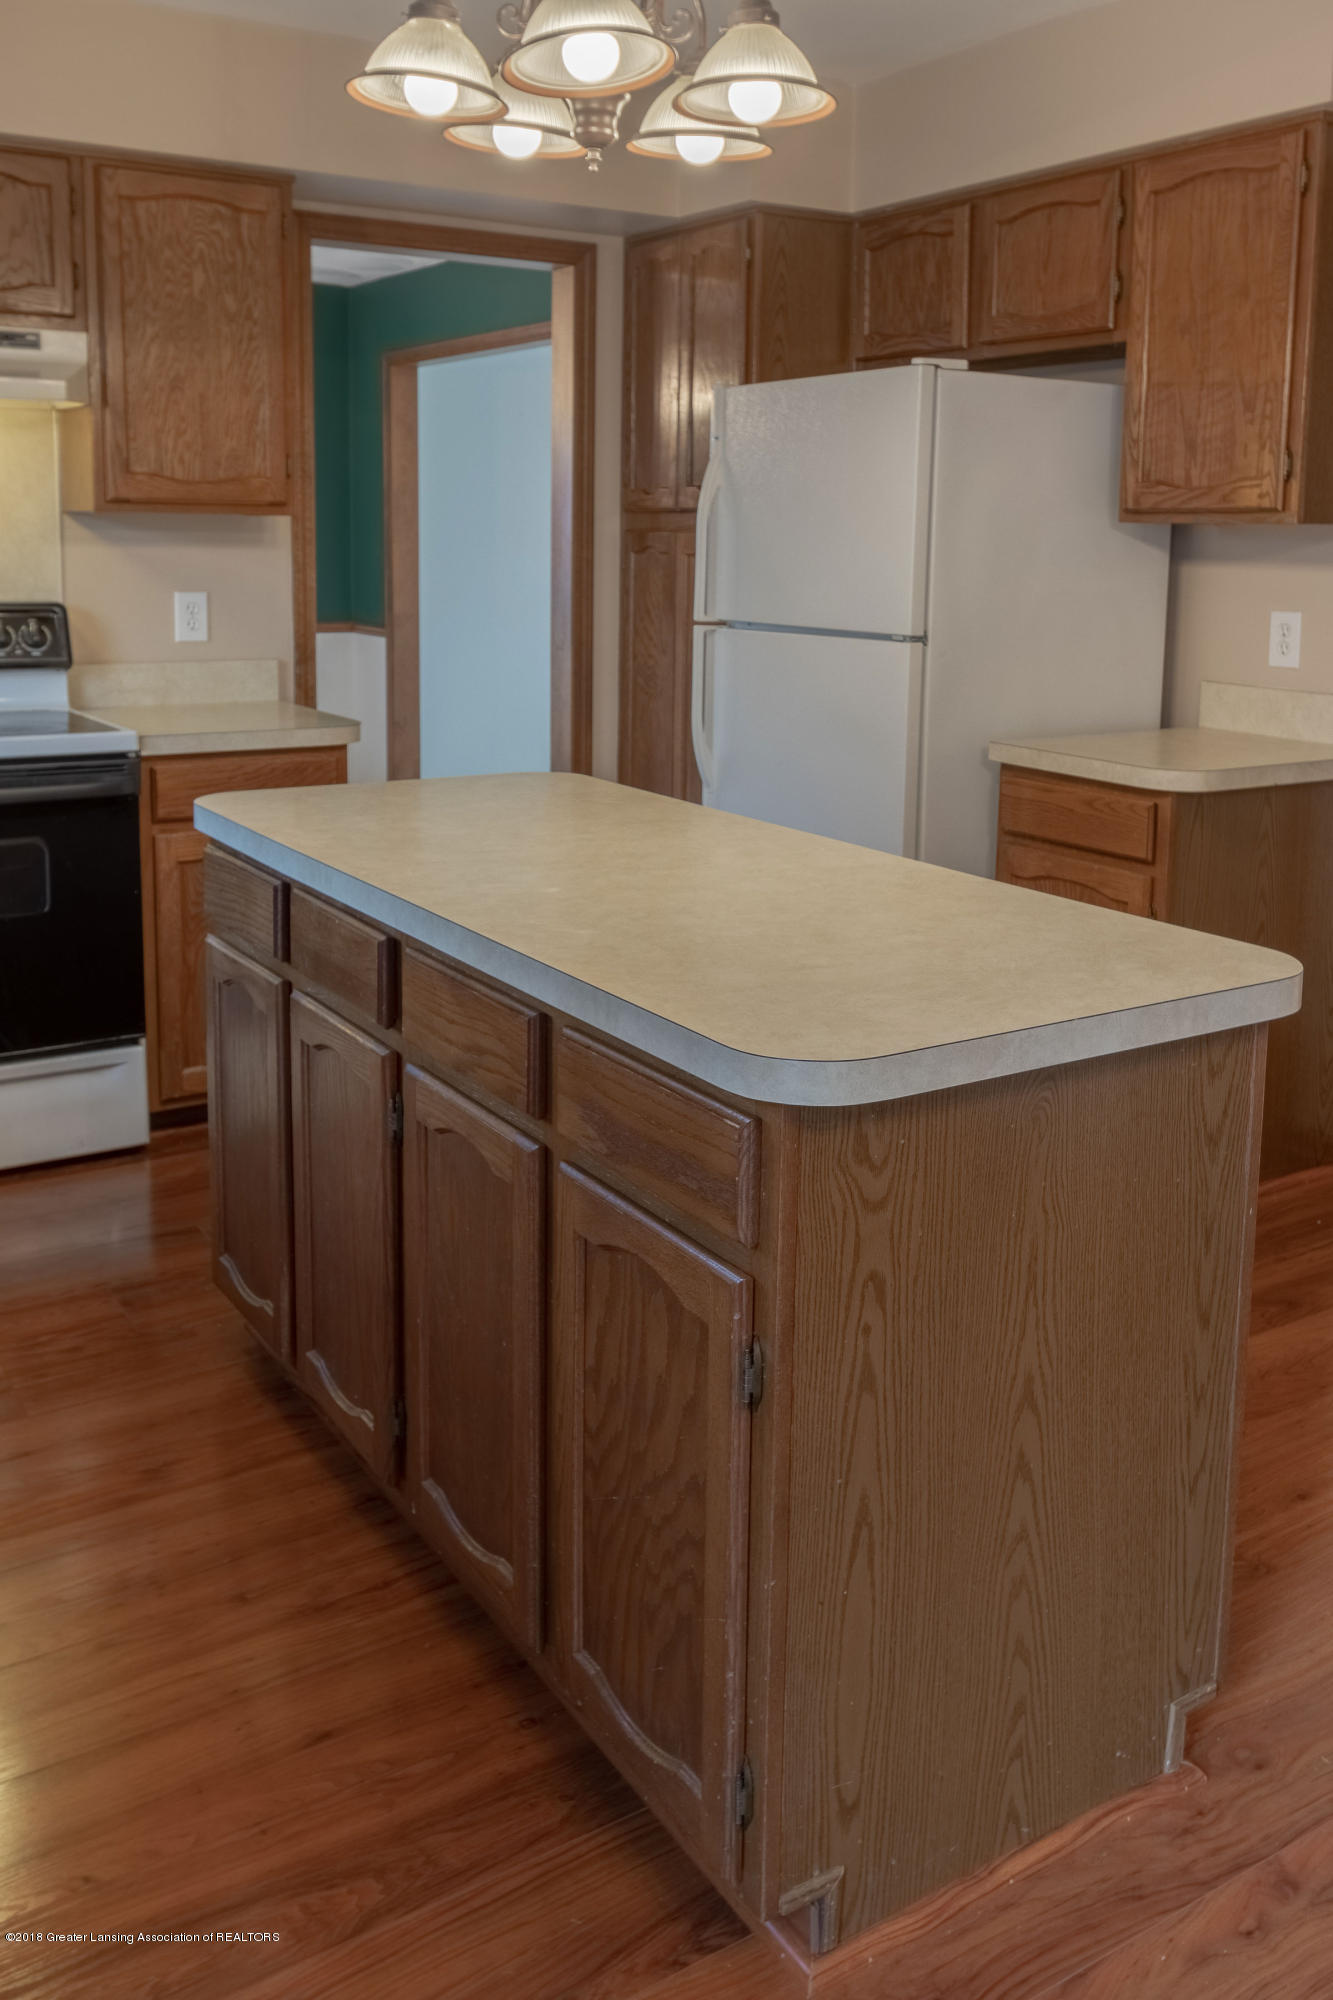 3981 Breckinridge Dr - Kitchen - 18